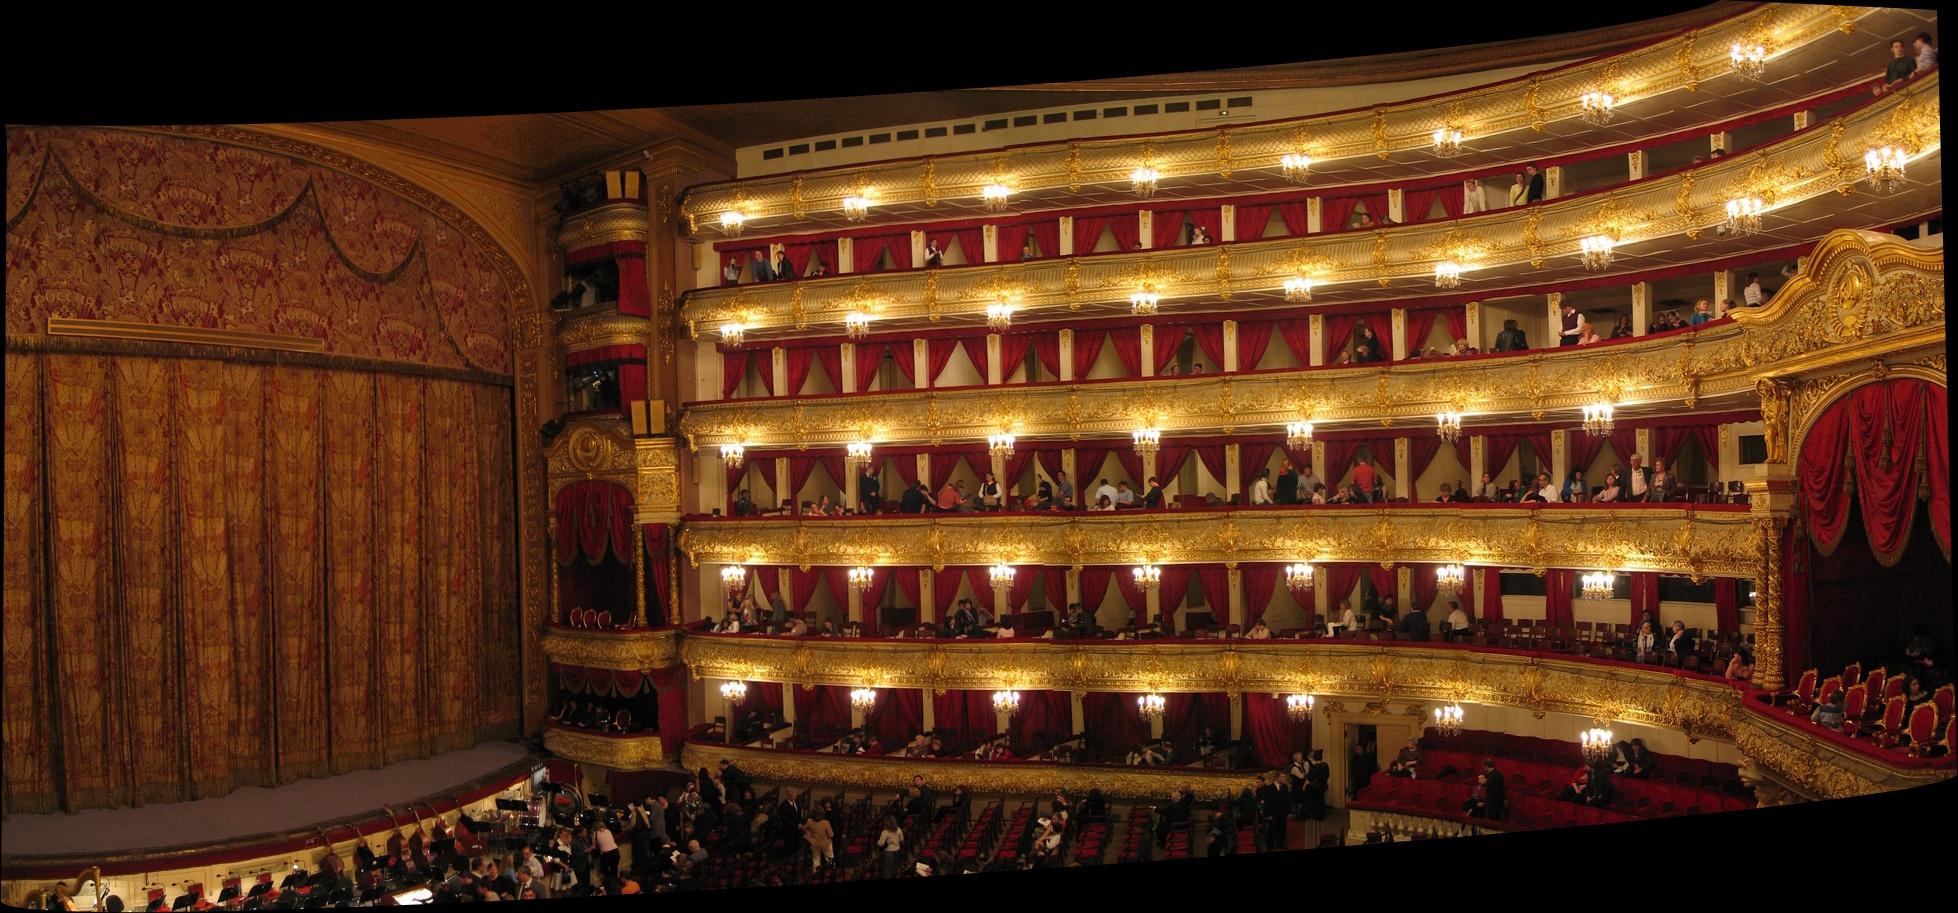 L'intérieur du Théâtre Bolshoi